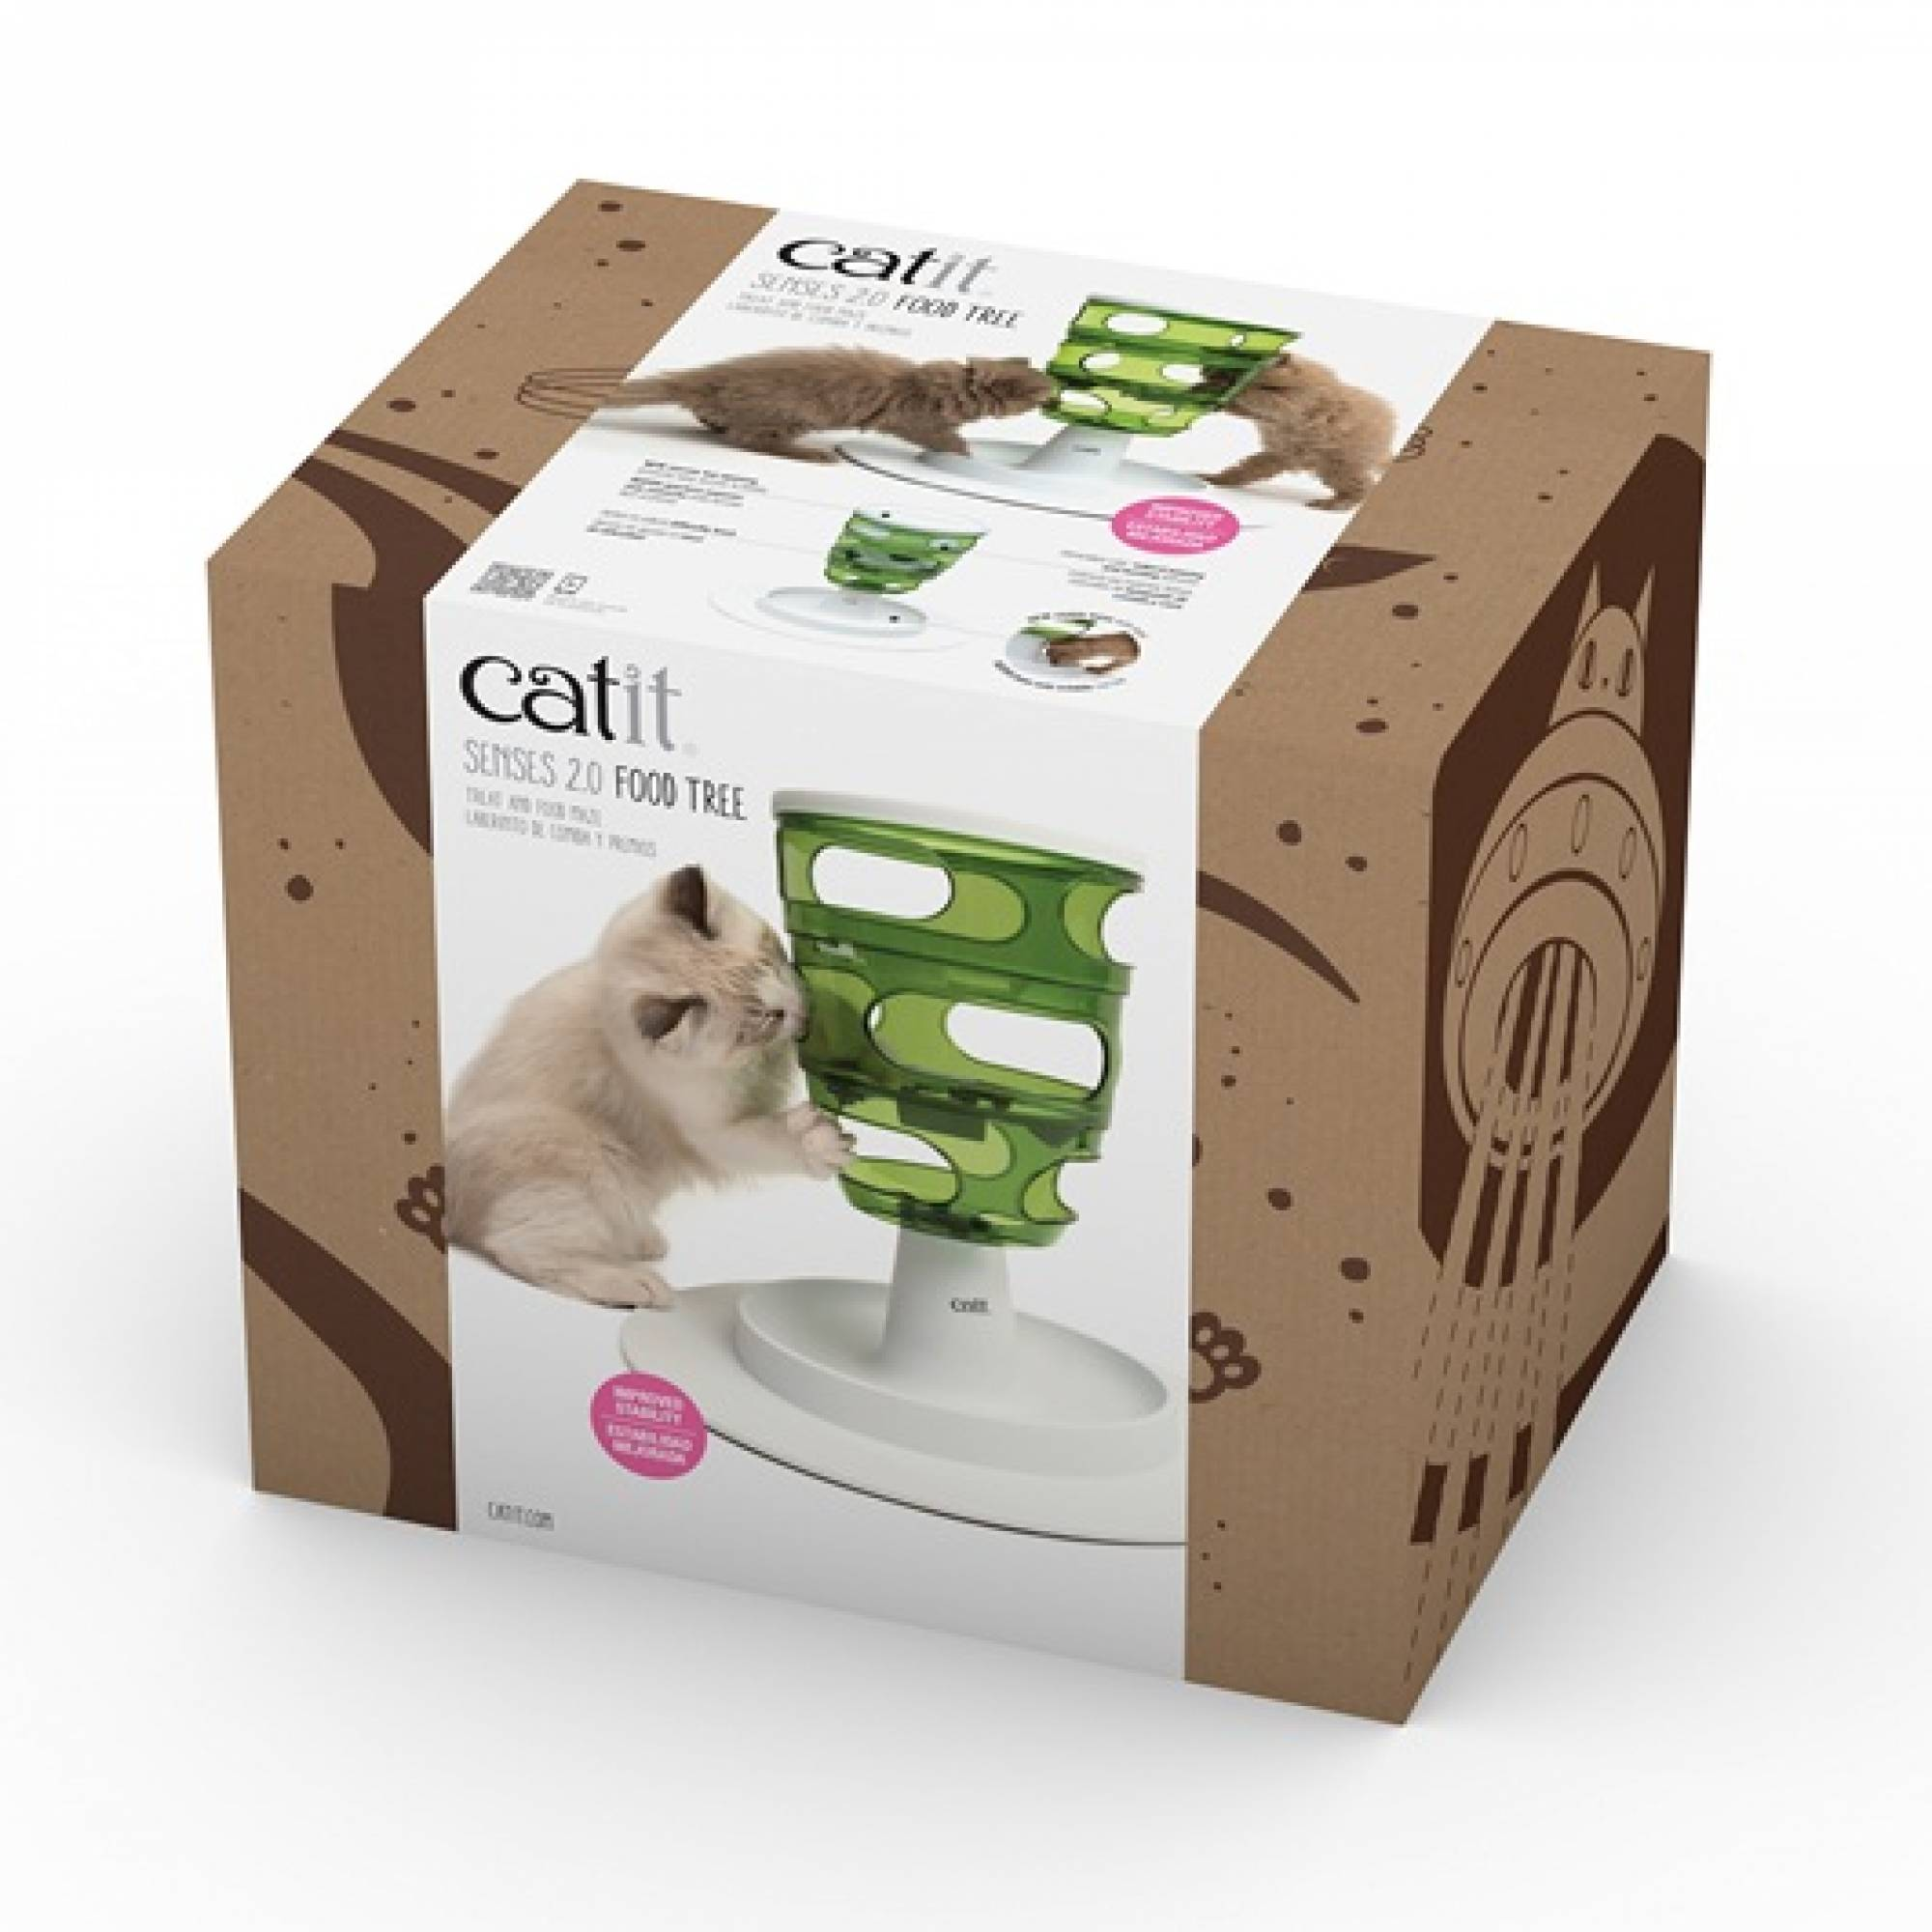 Catit 43151W Senses 2.0 Food Tree